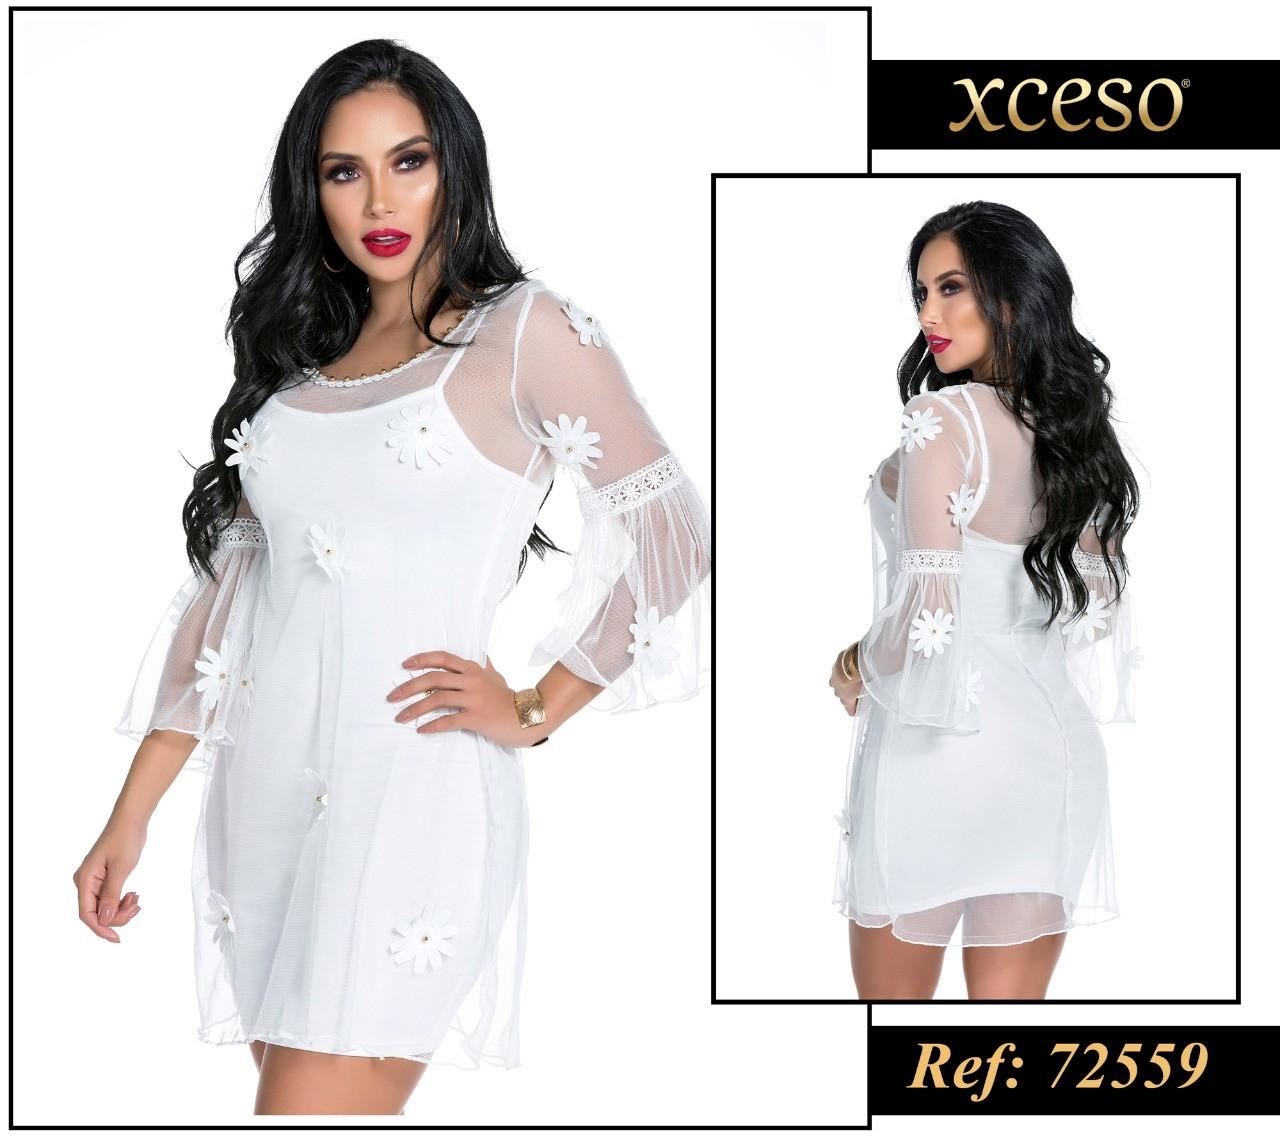 VESTIDO EXCESO REF J2337